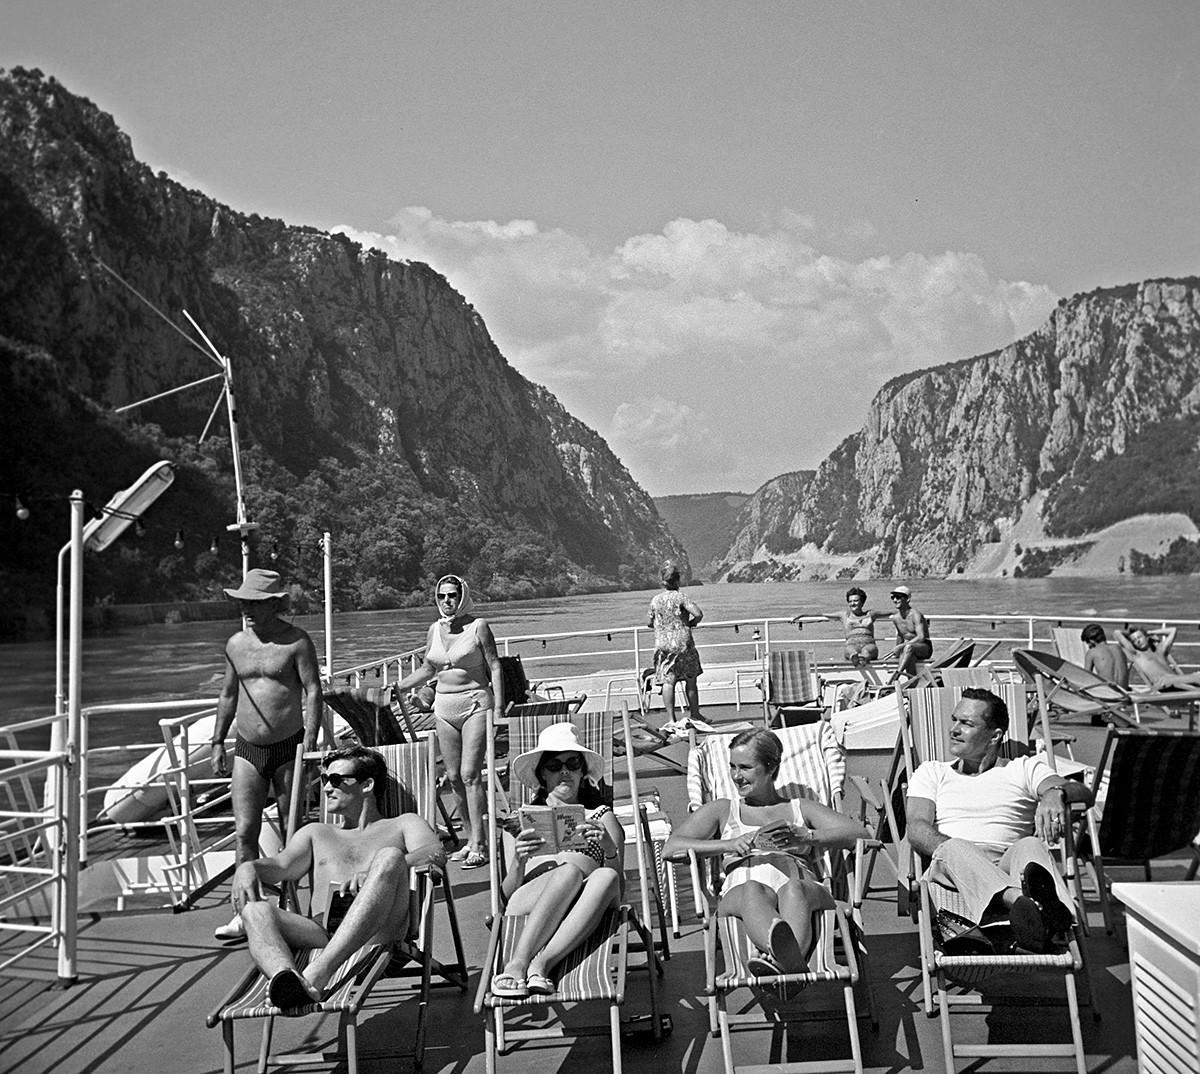 Touristes sur le pont d'un navire sur le Danube, 1969